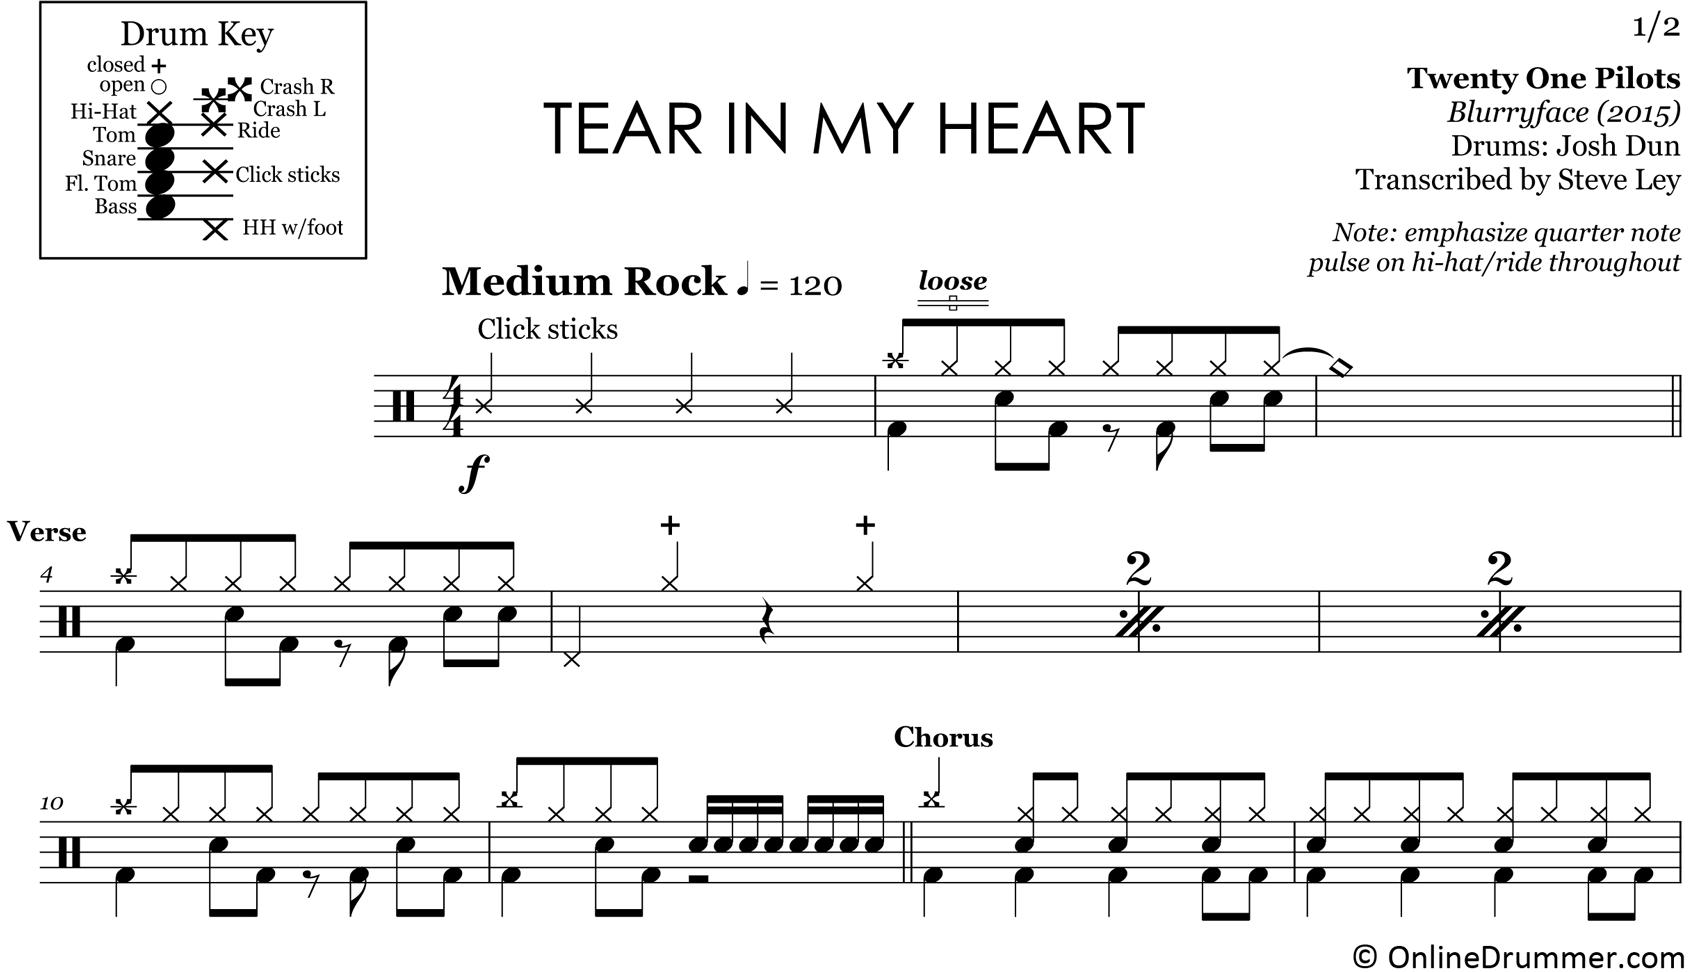 Tear In My Heart - Twenty One Pilots - Drum Sheet Music